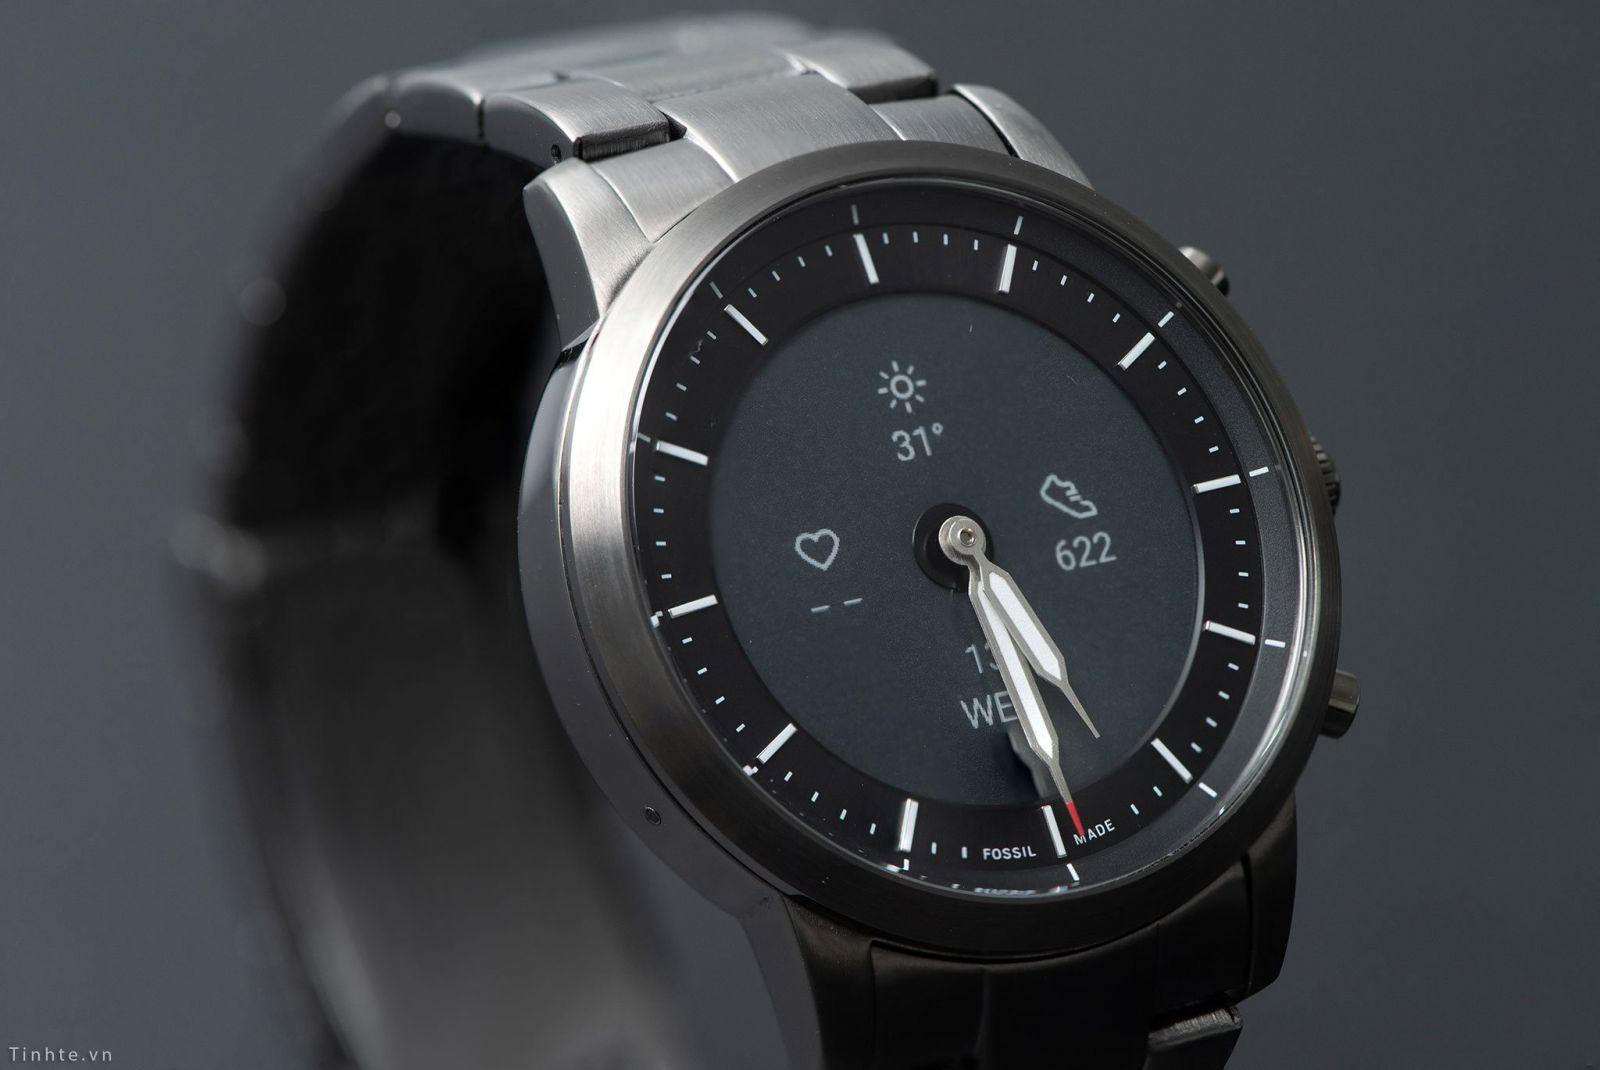 Đồng hồ Fossil hybrid hr được ưa chuộng